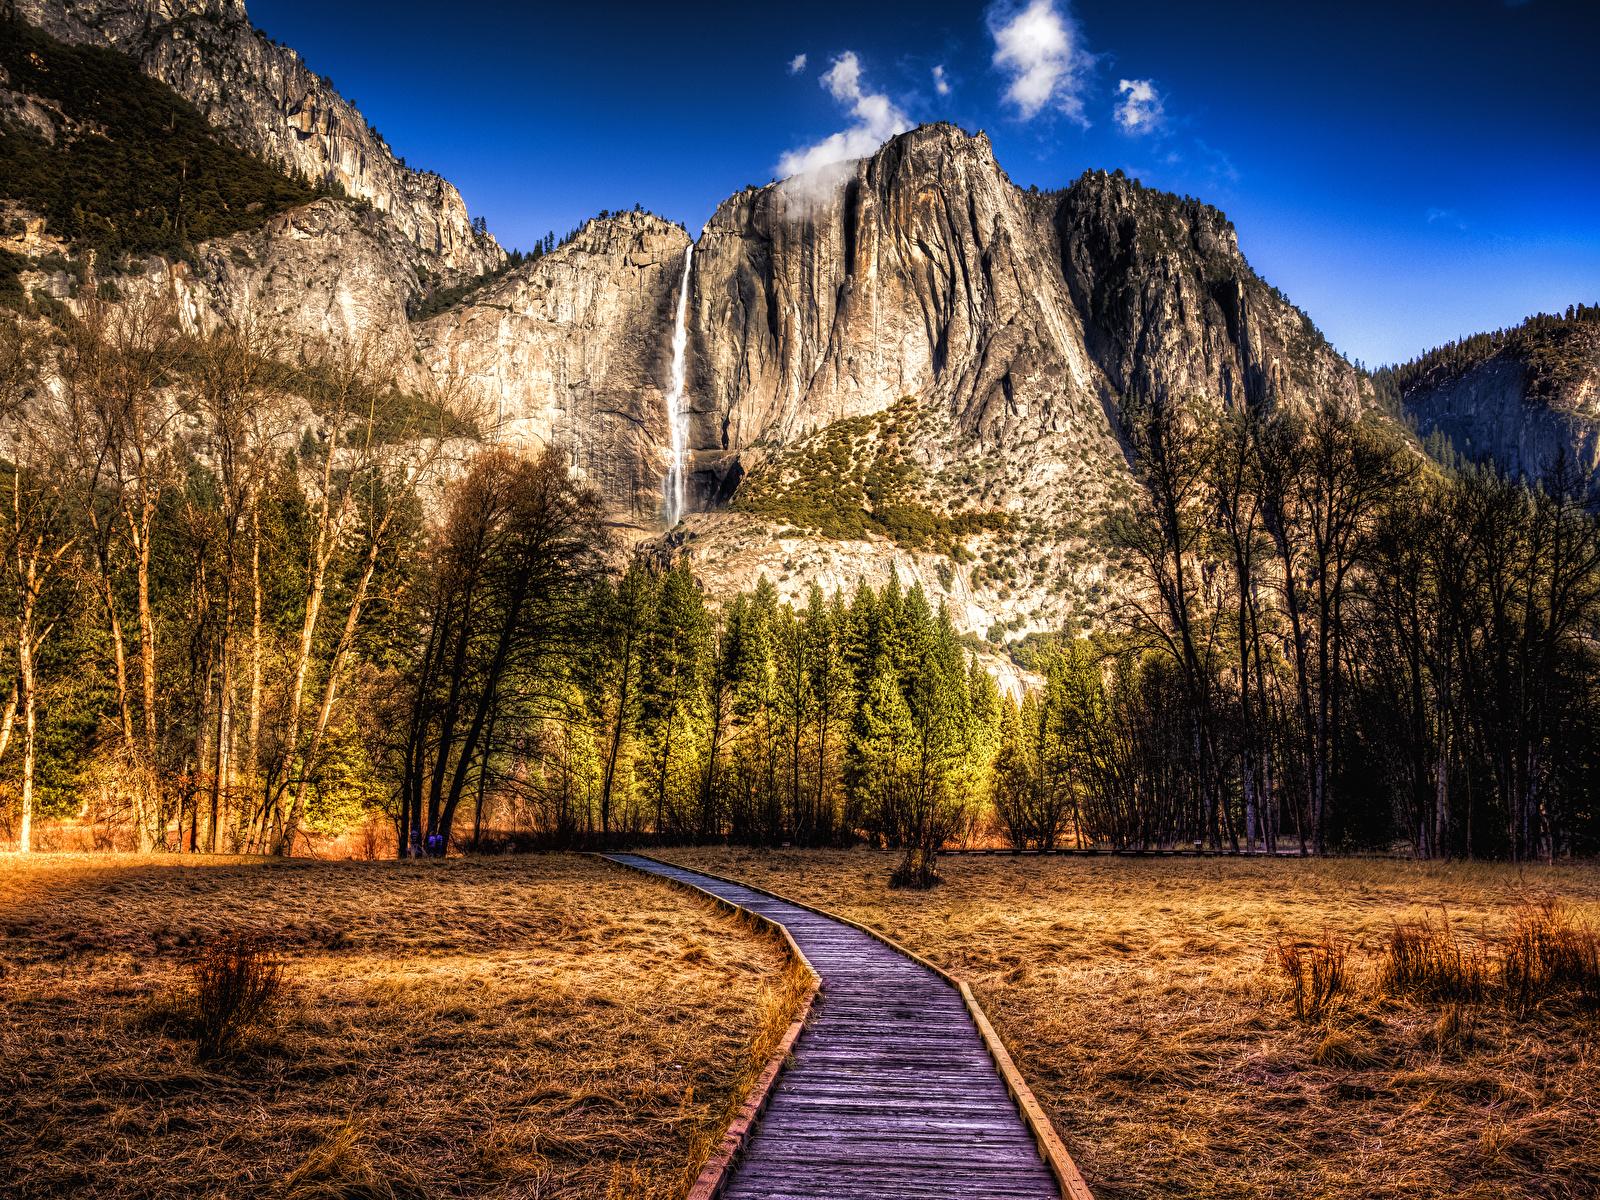 Фотографии Йосемити калифорнии штаты HDR Горы Природа осенние Парки Пейзаж деревьев 1600x1200 Калифорния США HDRI гора Осень парк дерево дерева Деревья